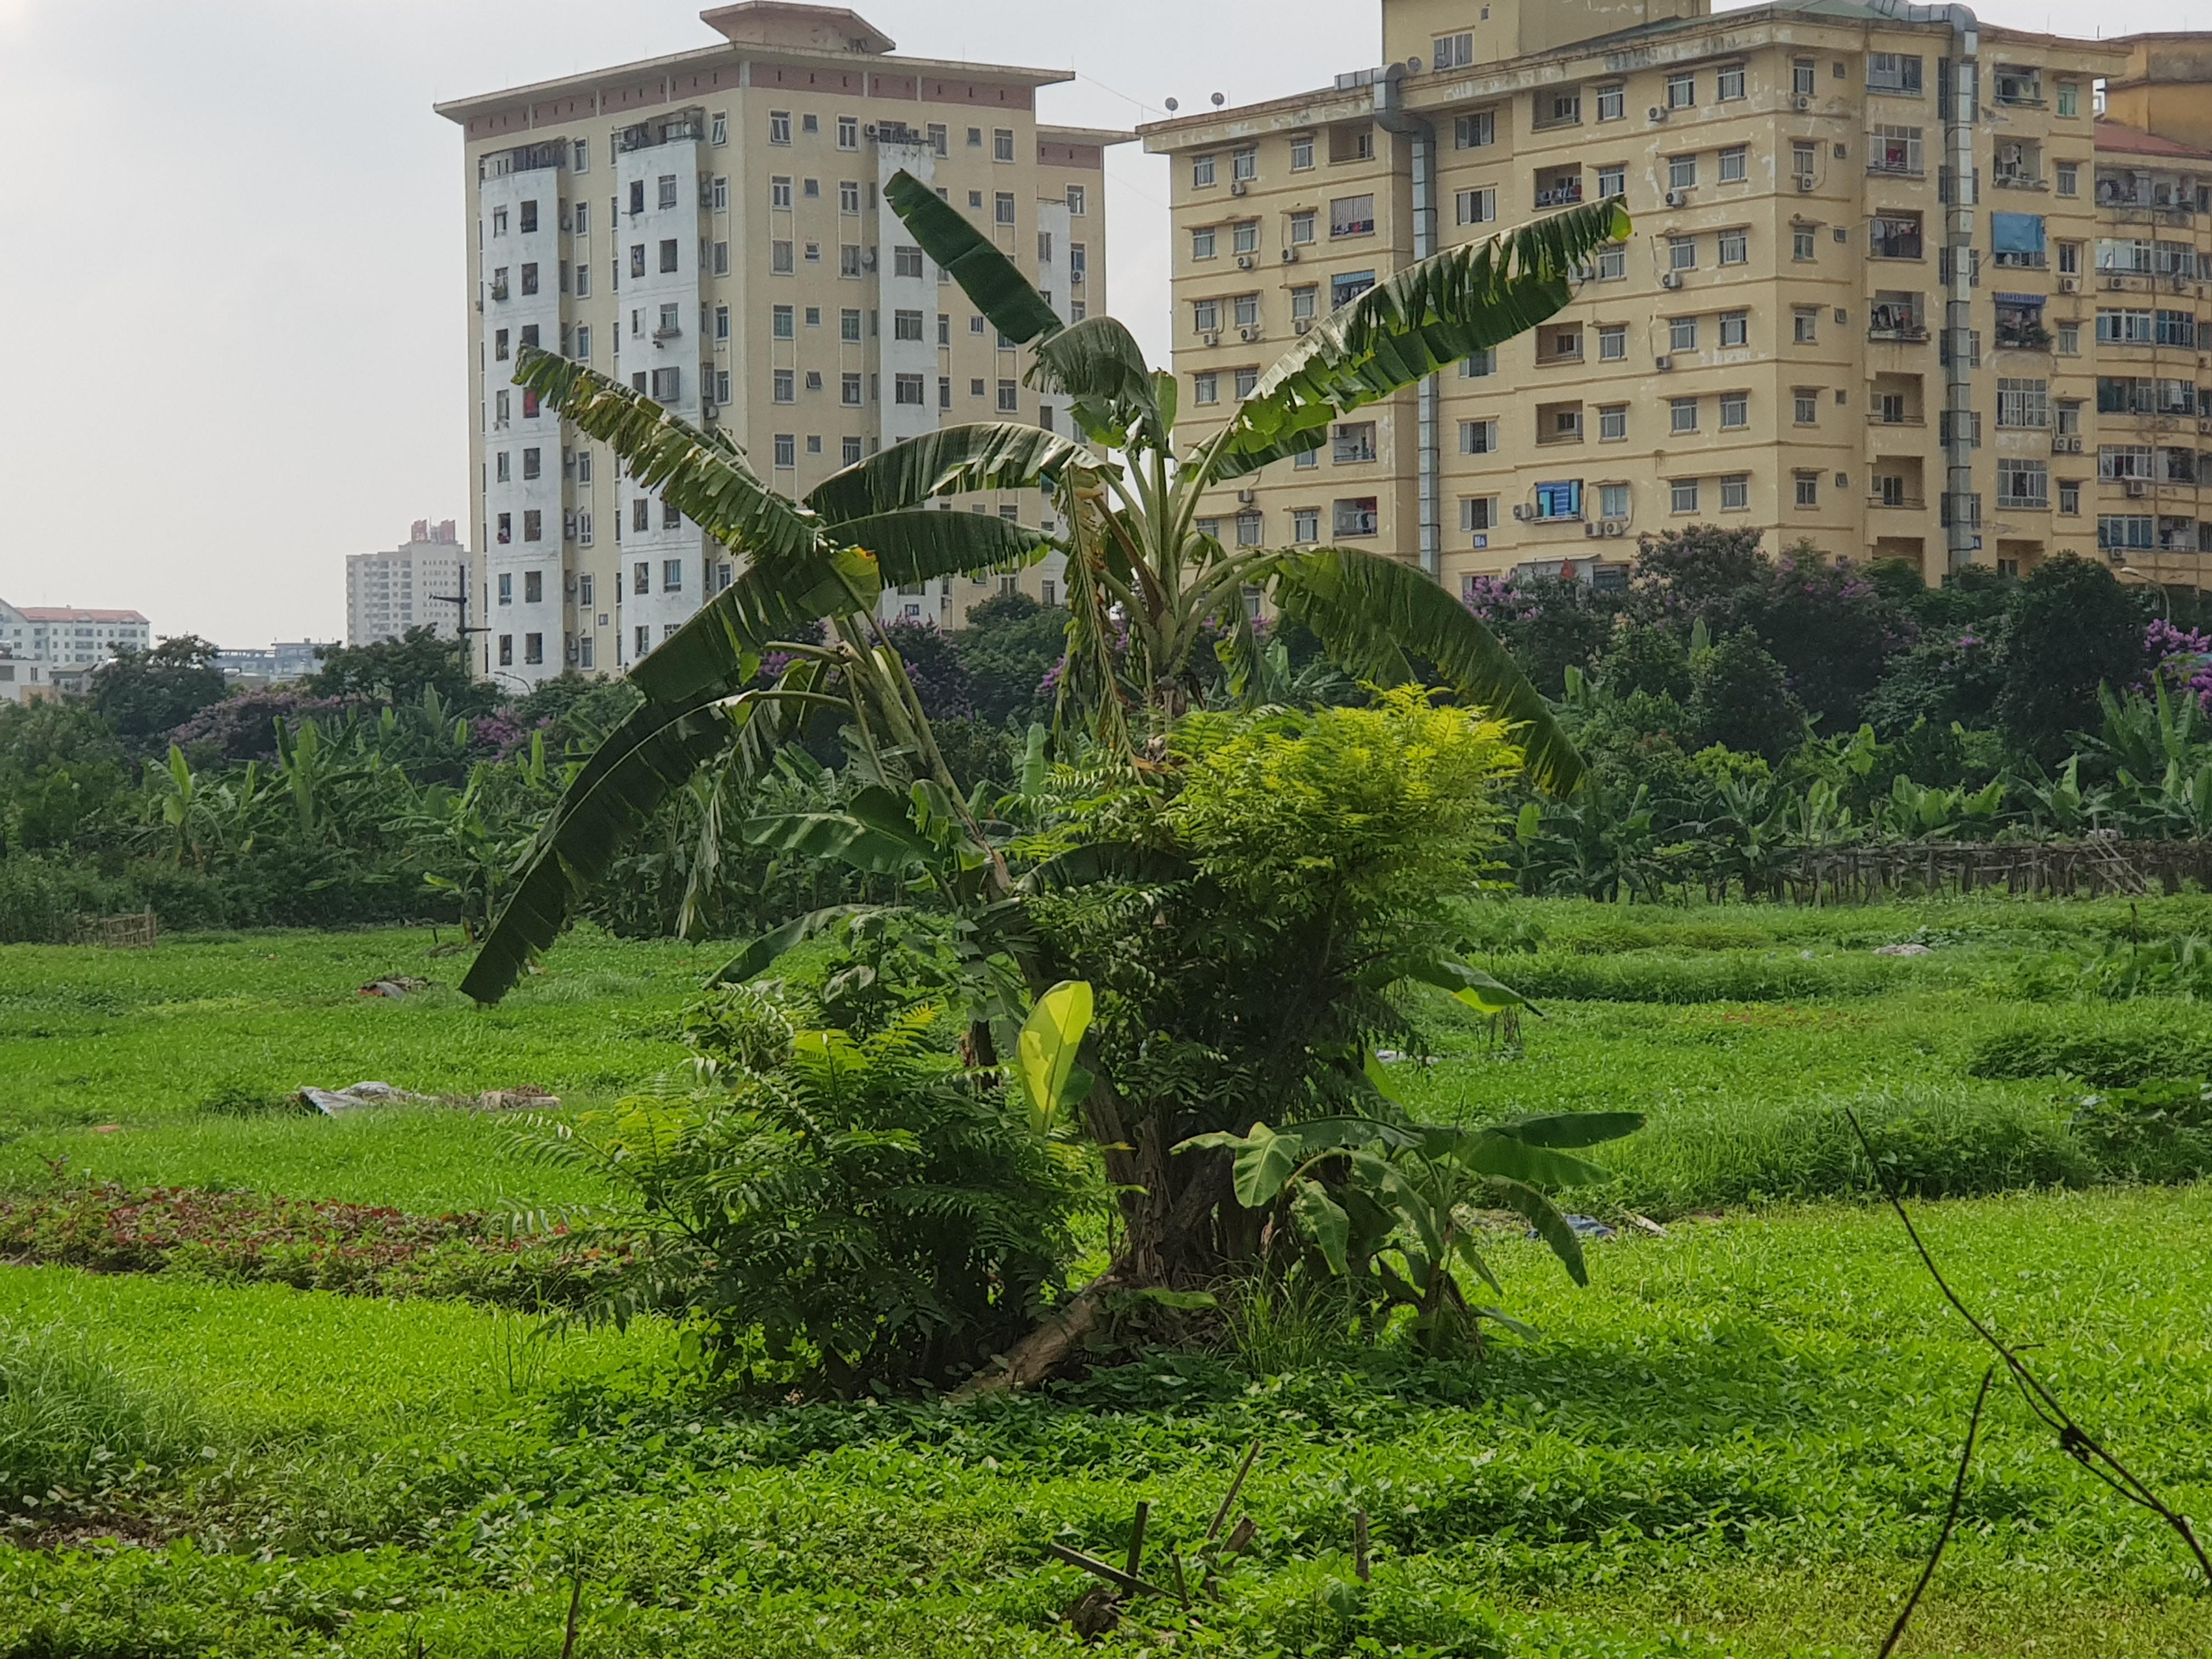 Hà Nội: Cận cảnh dự án khu đô thị hơn 3.200 tỉ đồng bỏ hoang ở quận Hoàng Mai - Ảnh 8.